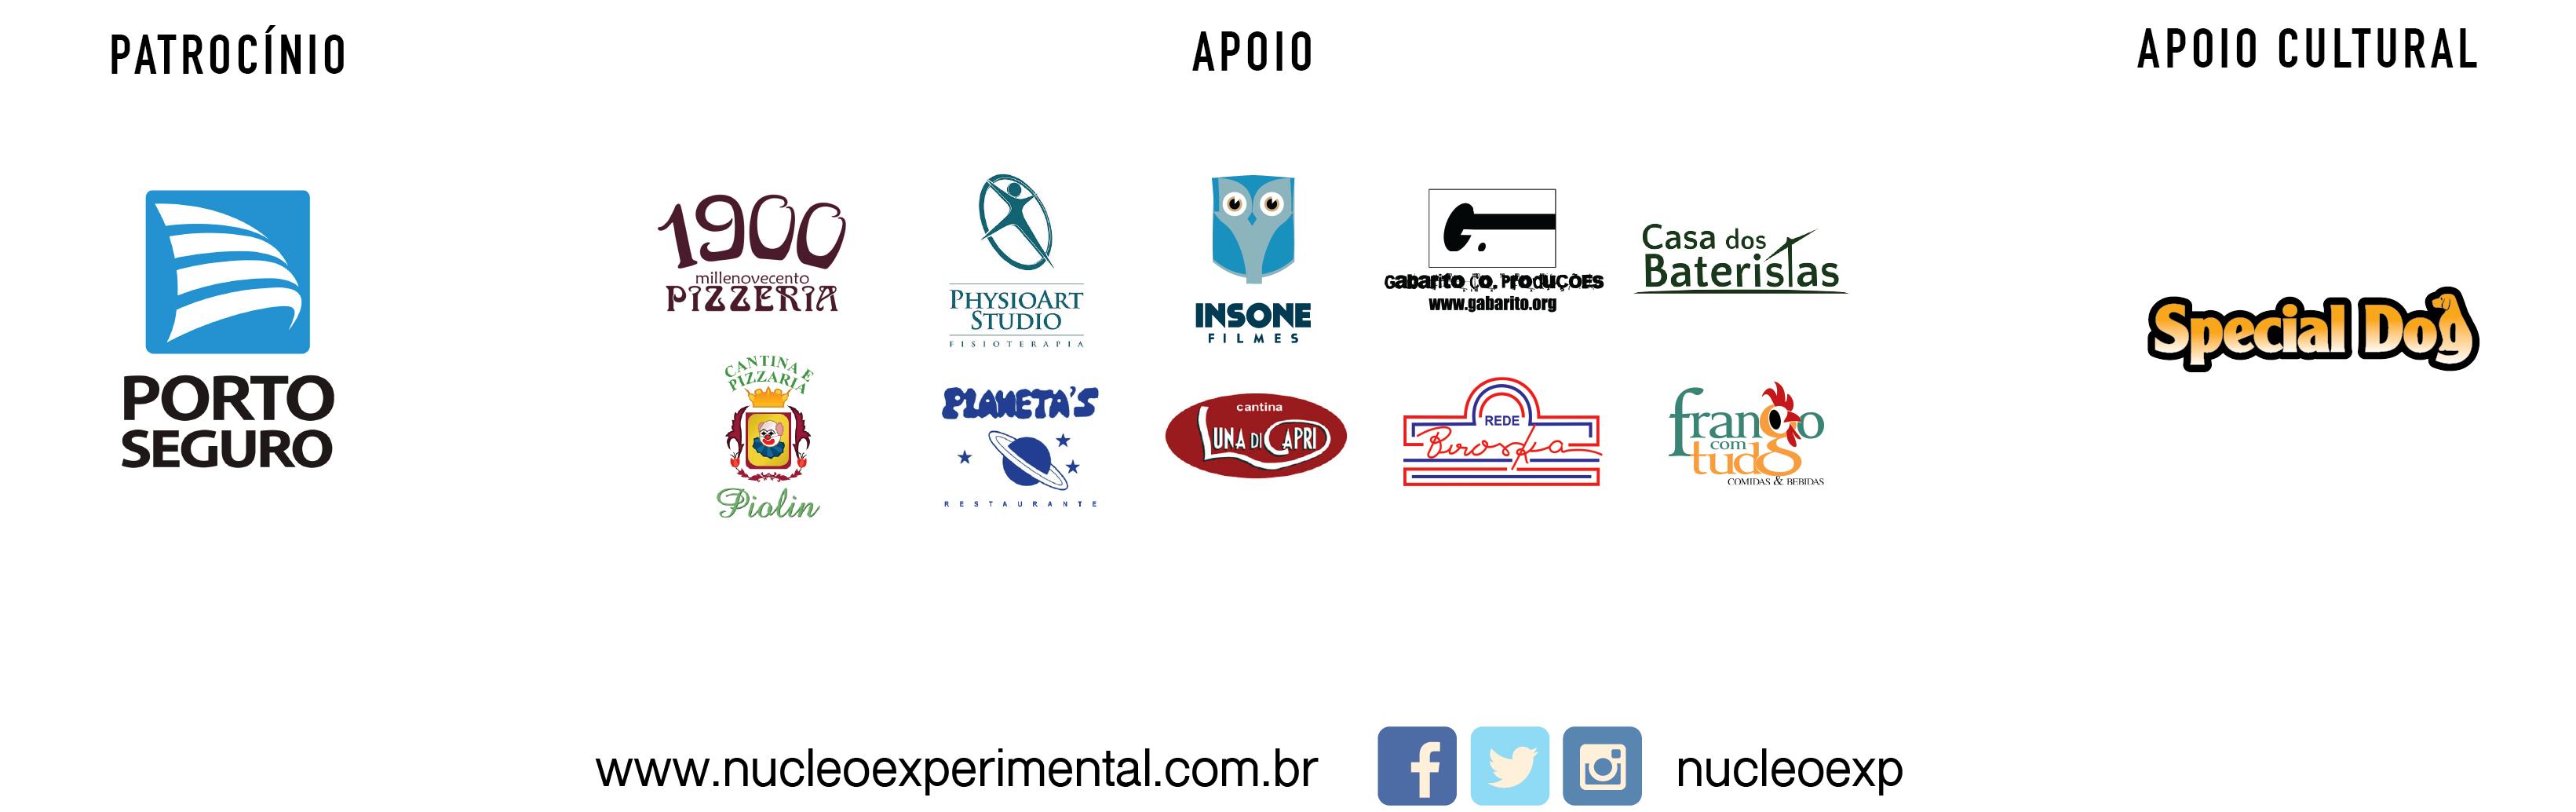 Regua-Logos-Urinal